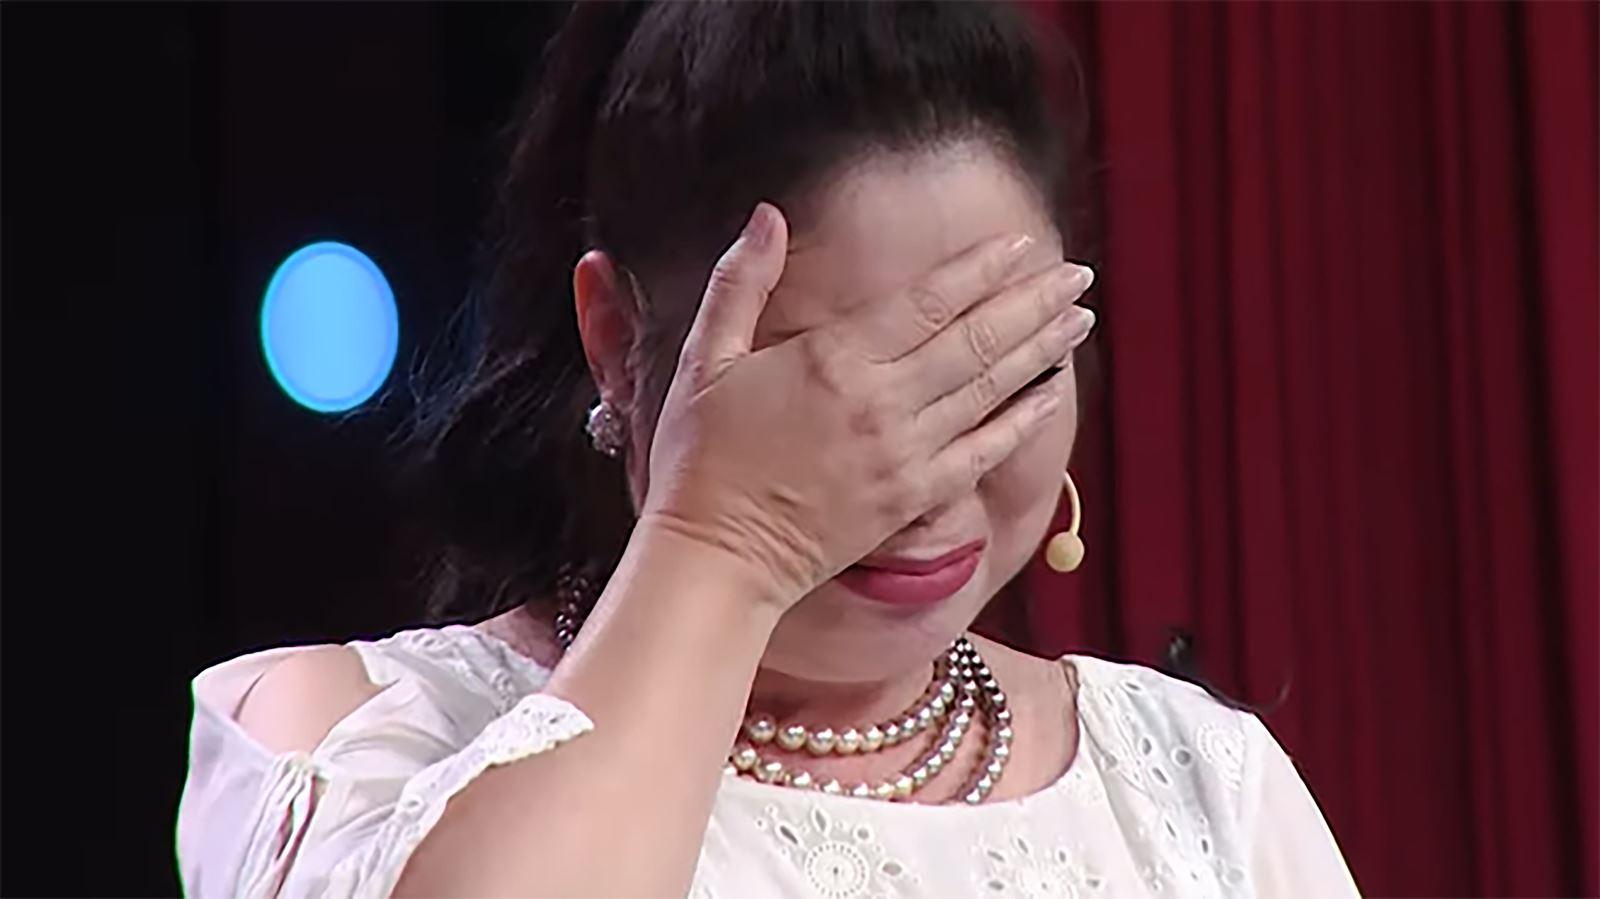 NSND Hồng Vân xin lỗi vì quảng cáo sản phẩm kém chất lượng